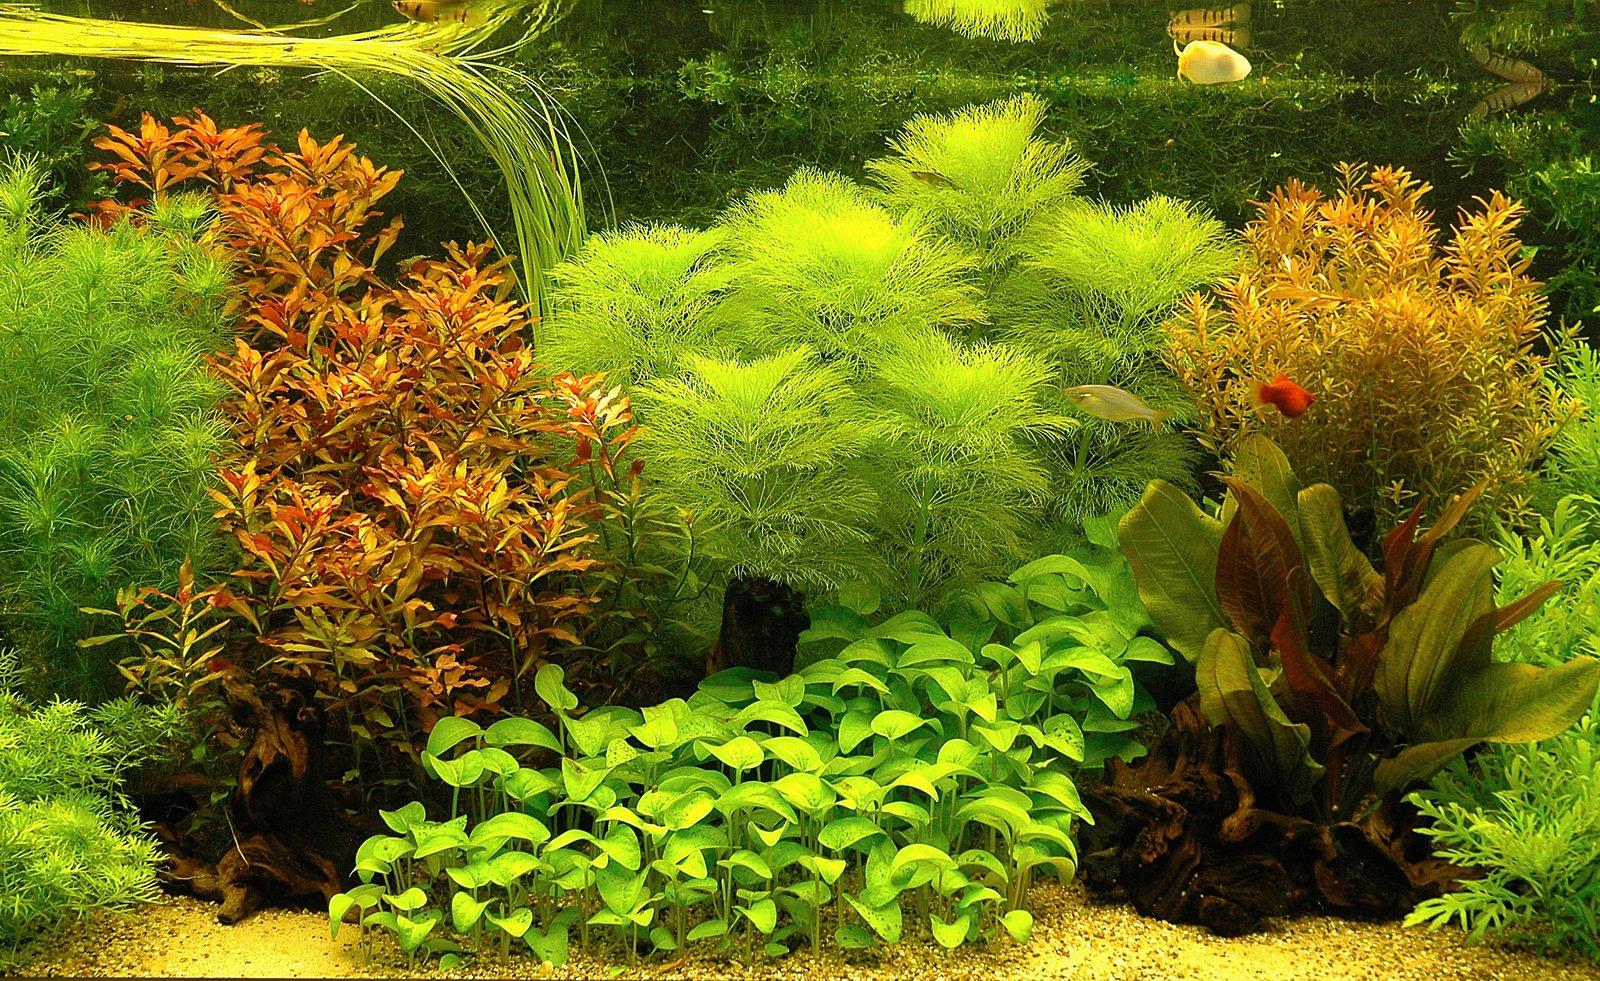 Background aquarium plant background desktops pics for Plante aquarium